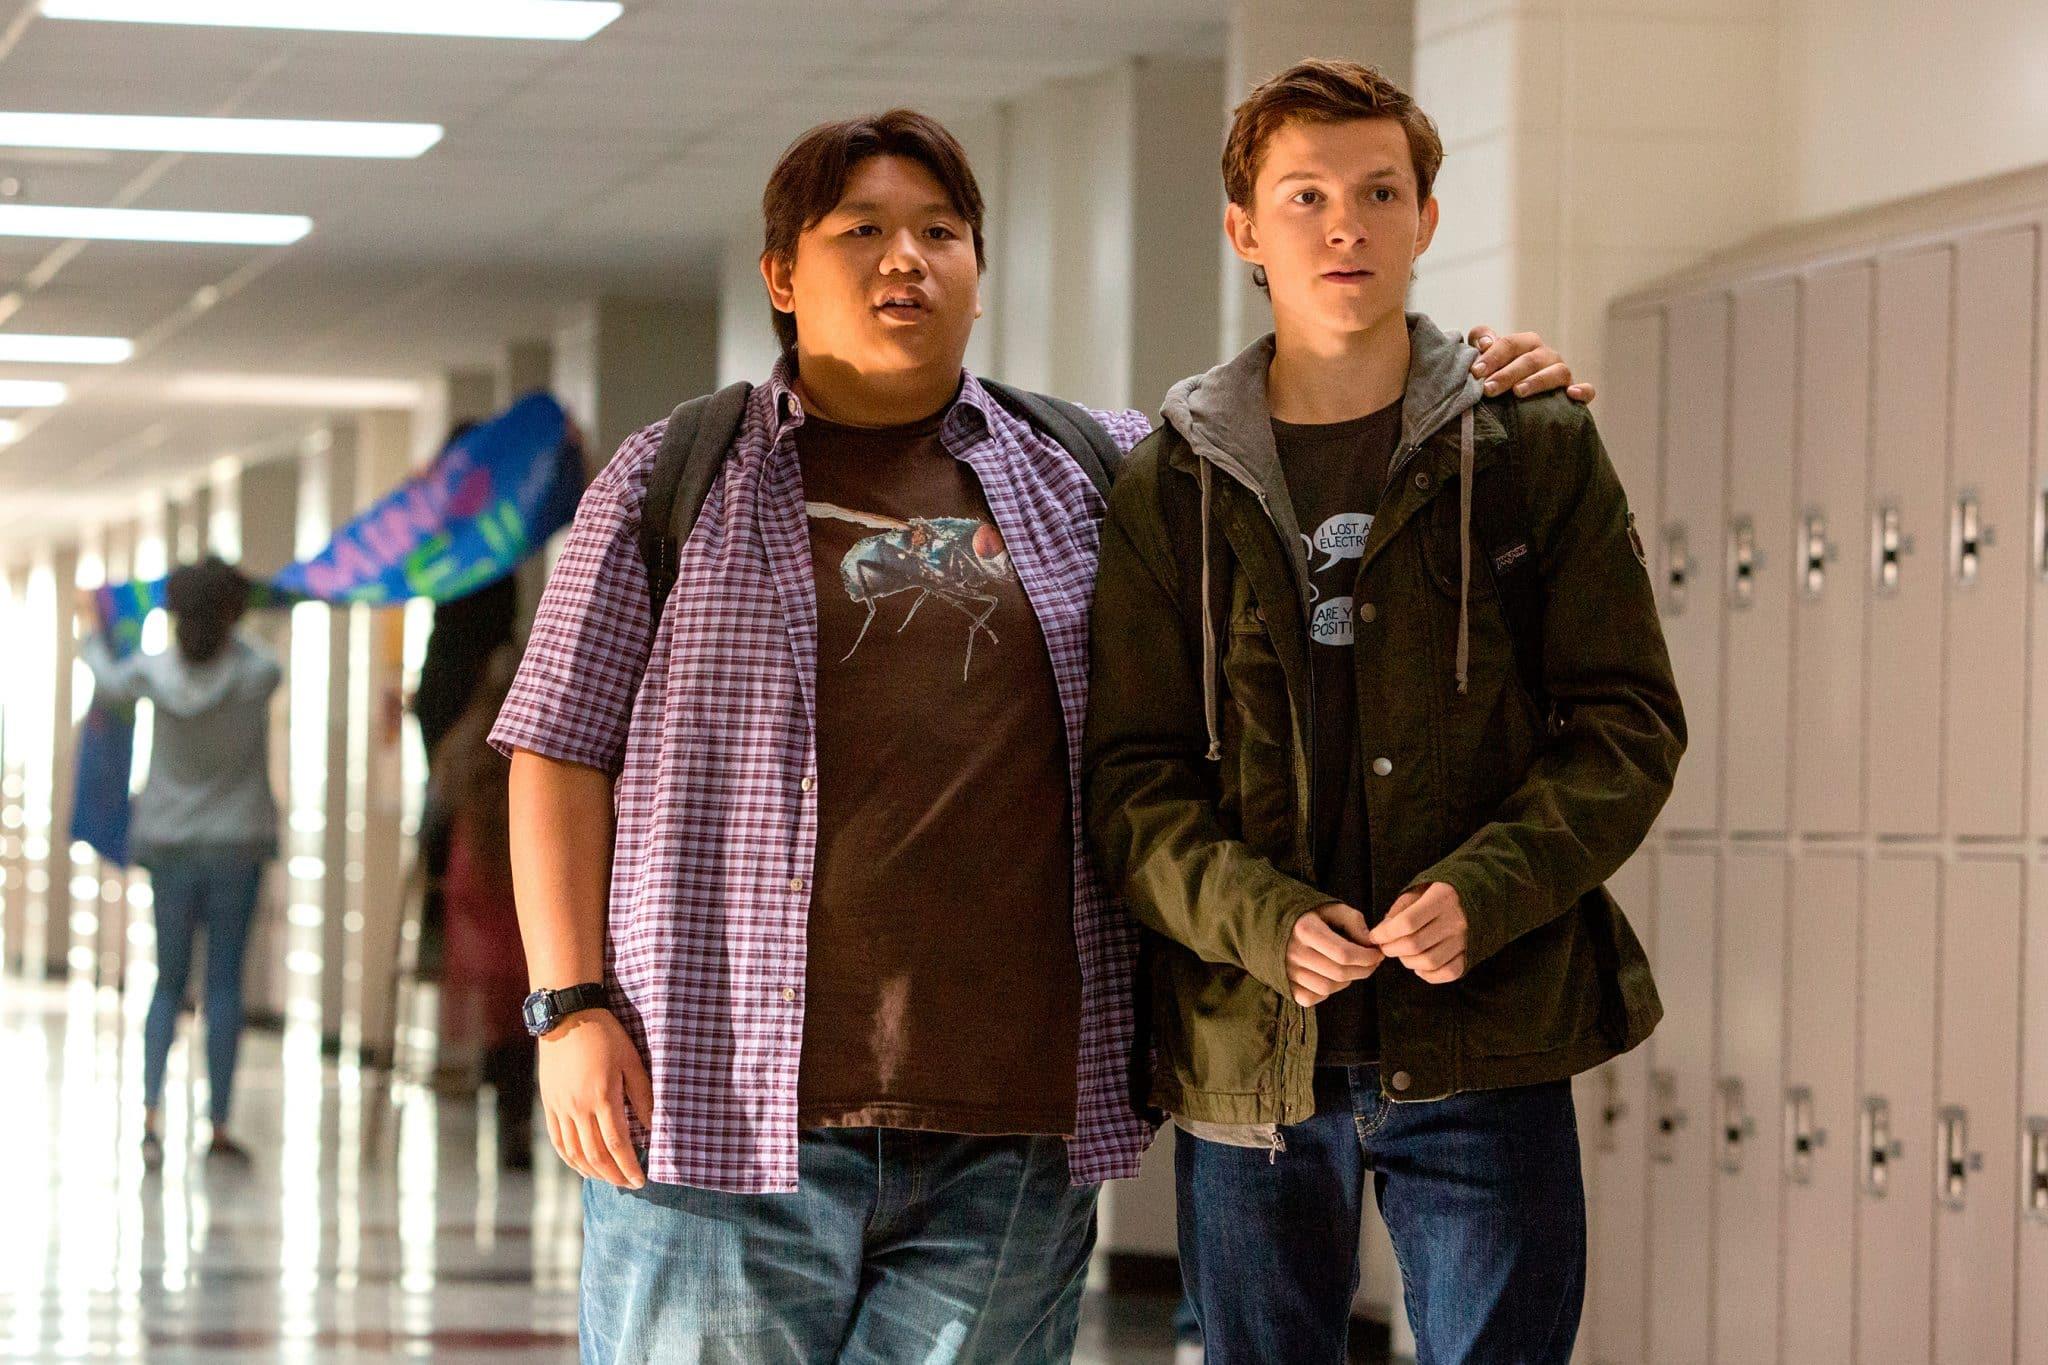 Stredoškolák Peter Parker bojuje s dvojitým životom ako ochranca mesta New York, Spider-Man!